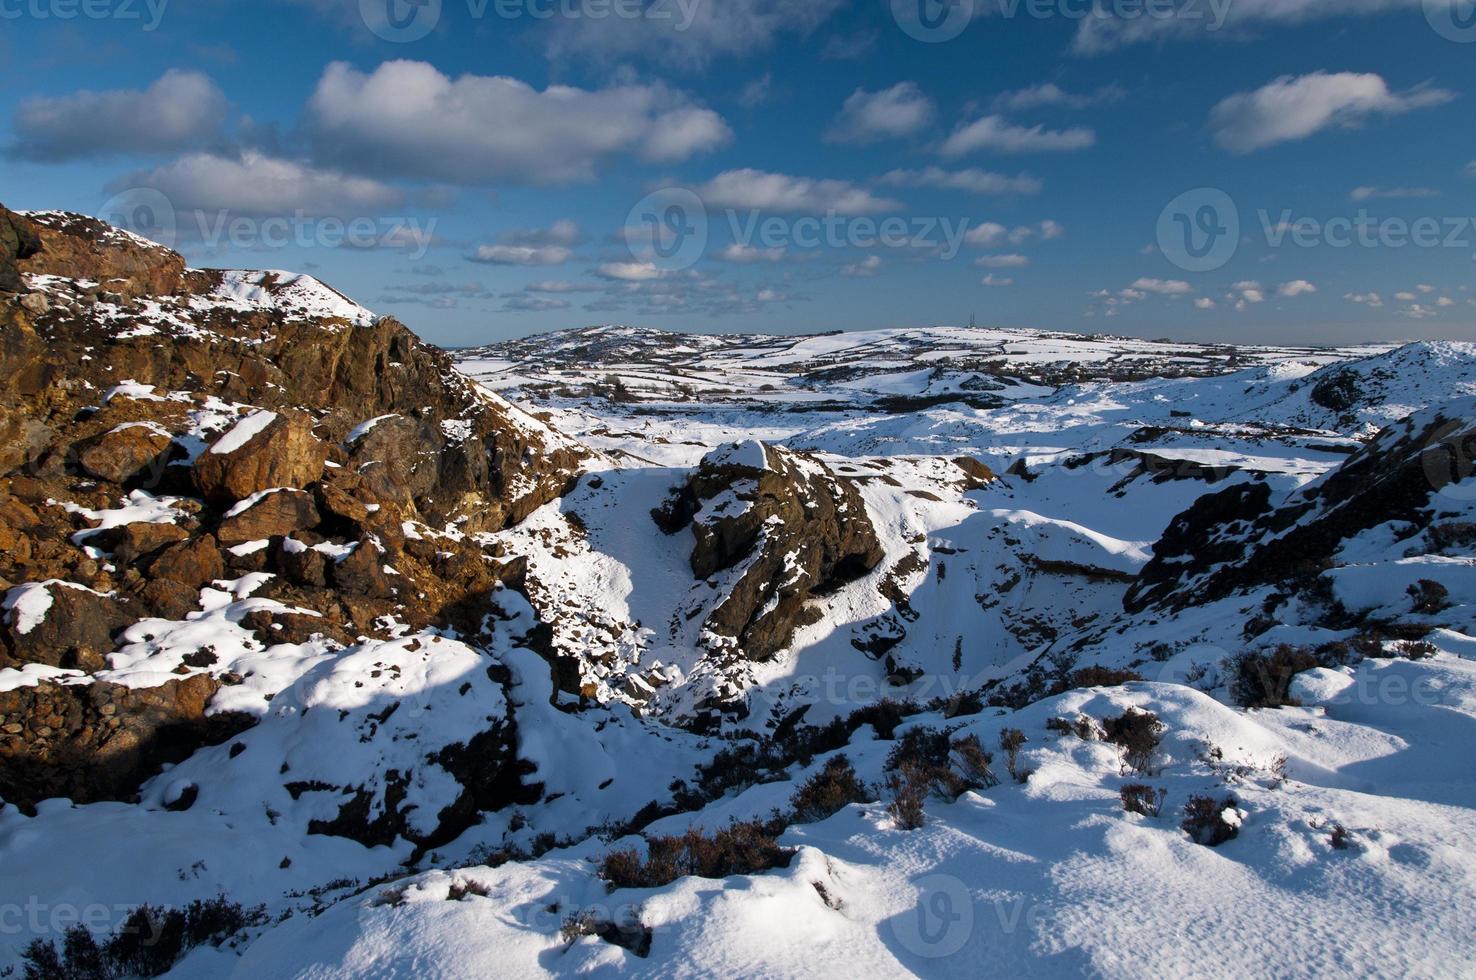 pary mountain foto